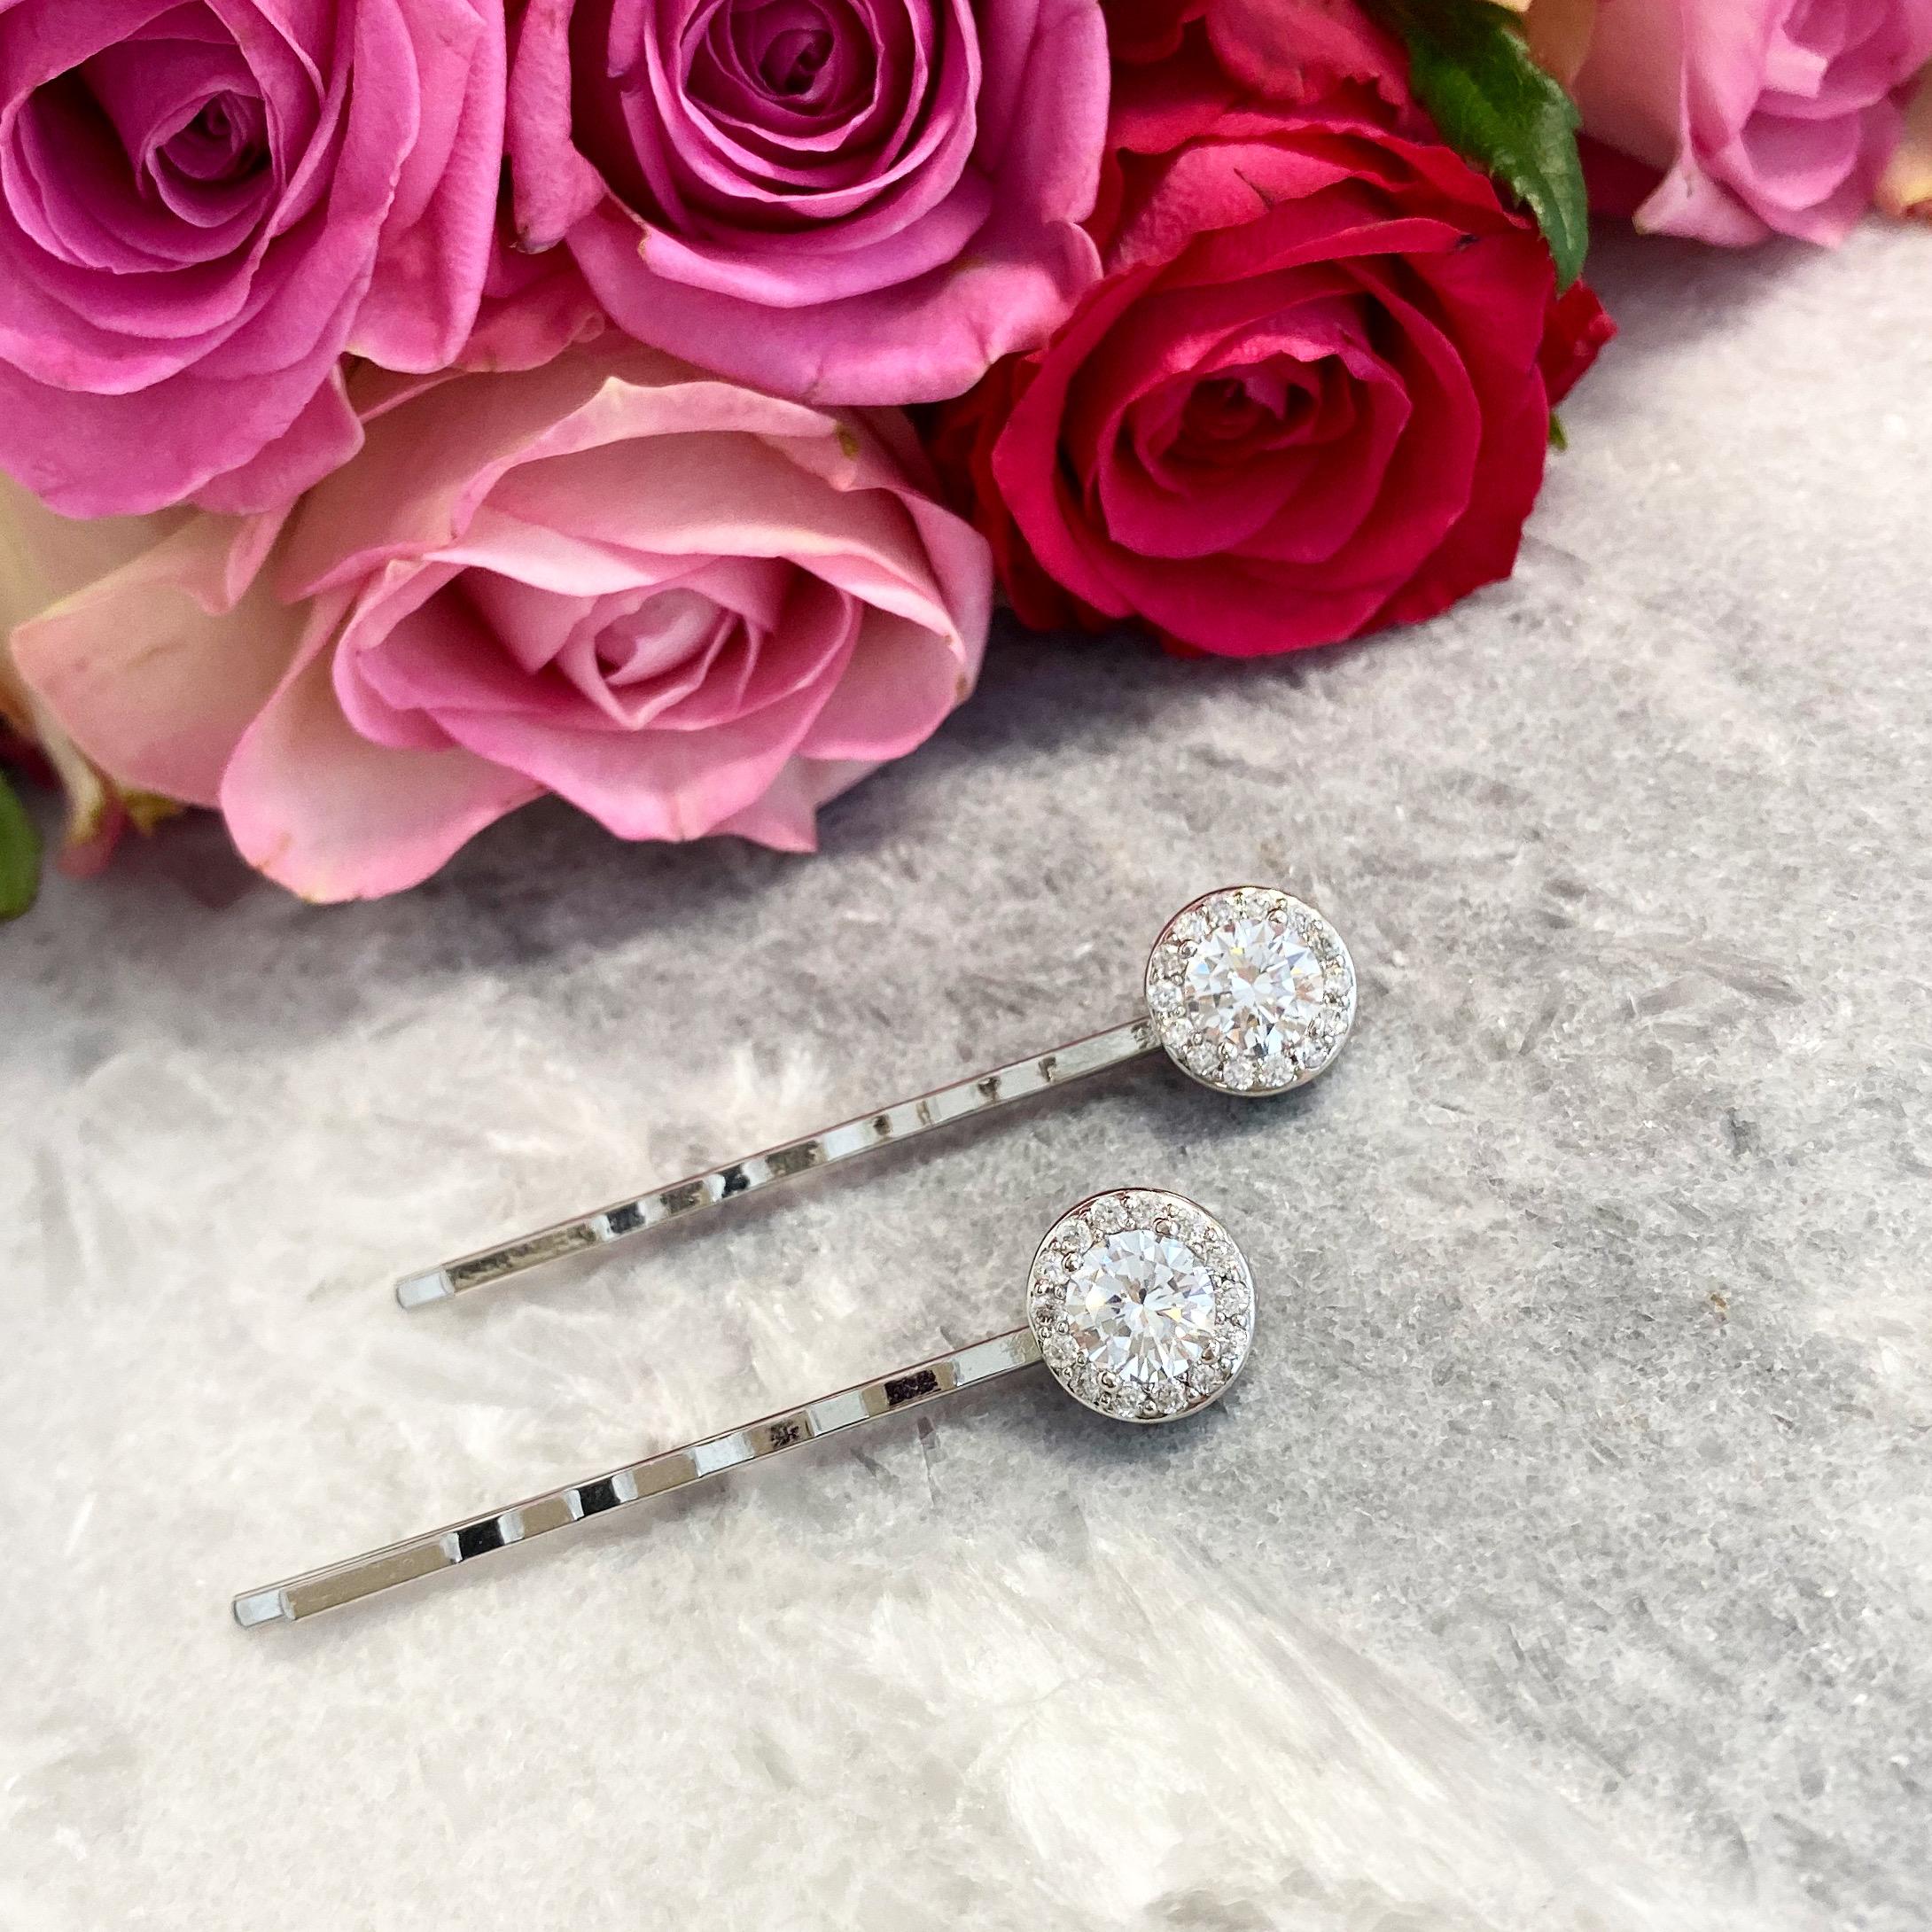 Mooie haaraccessoire met roosjes voor een mooie bruidslook